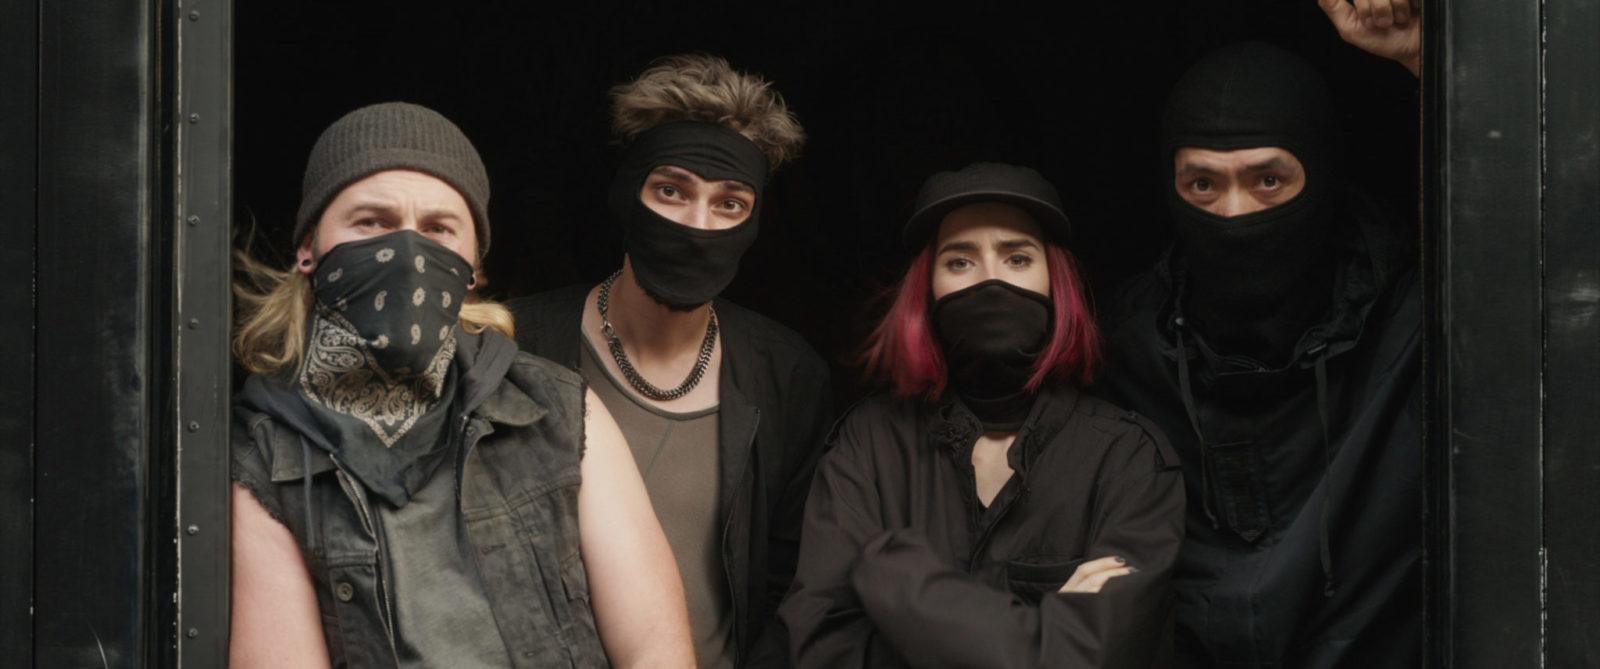 Trzech chłopaków i dziewczyna, ubrani na czarno, z kominiarkami na głowach